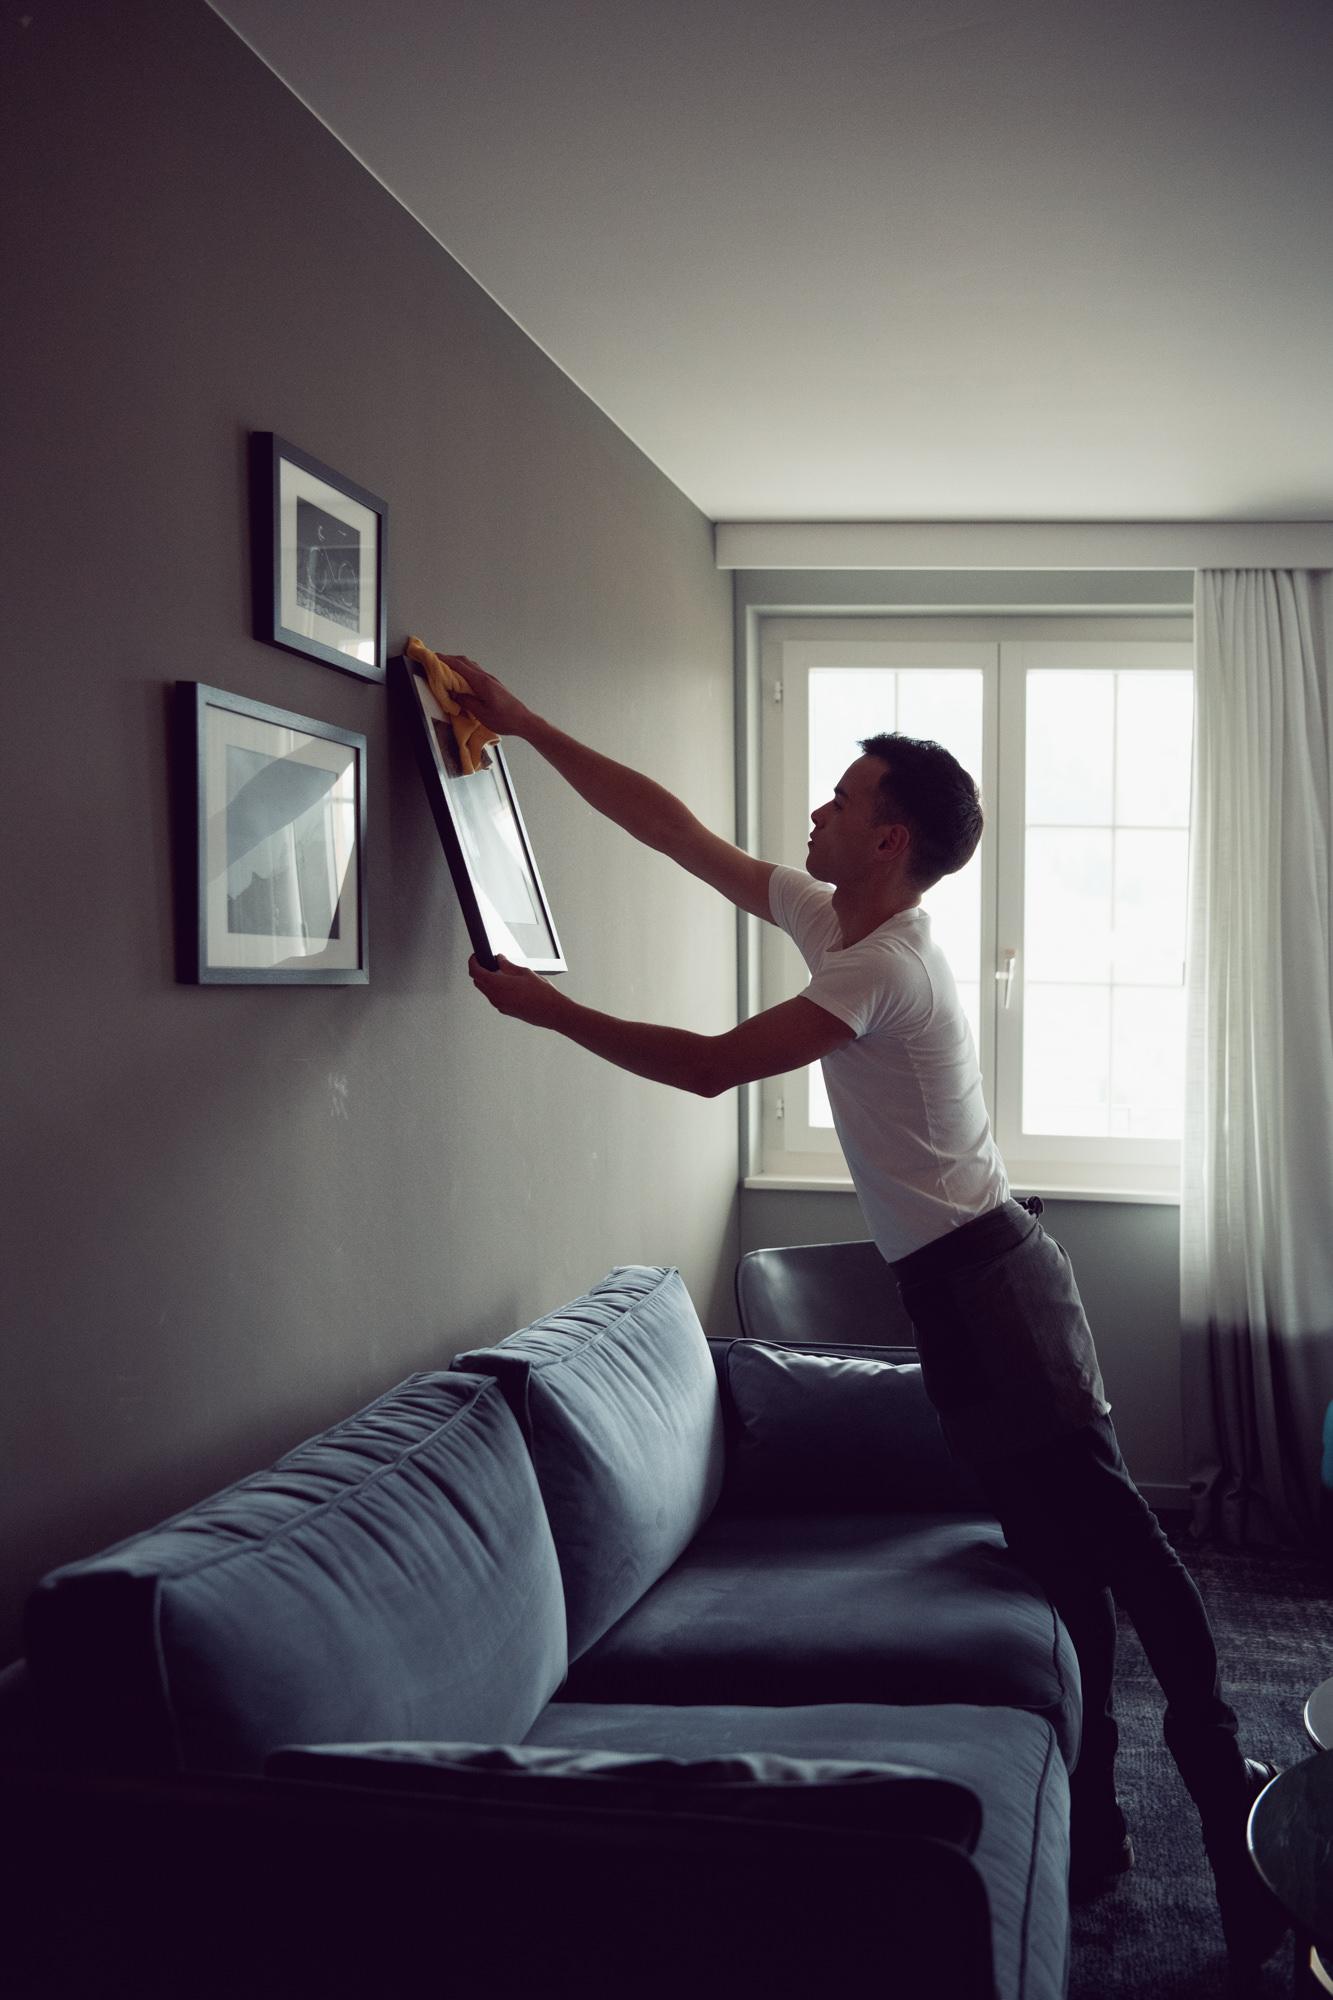 hotellerie_suisse9.jpg